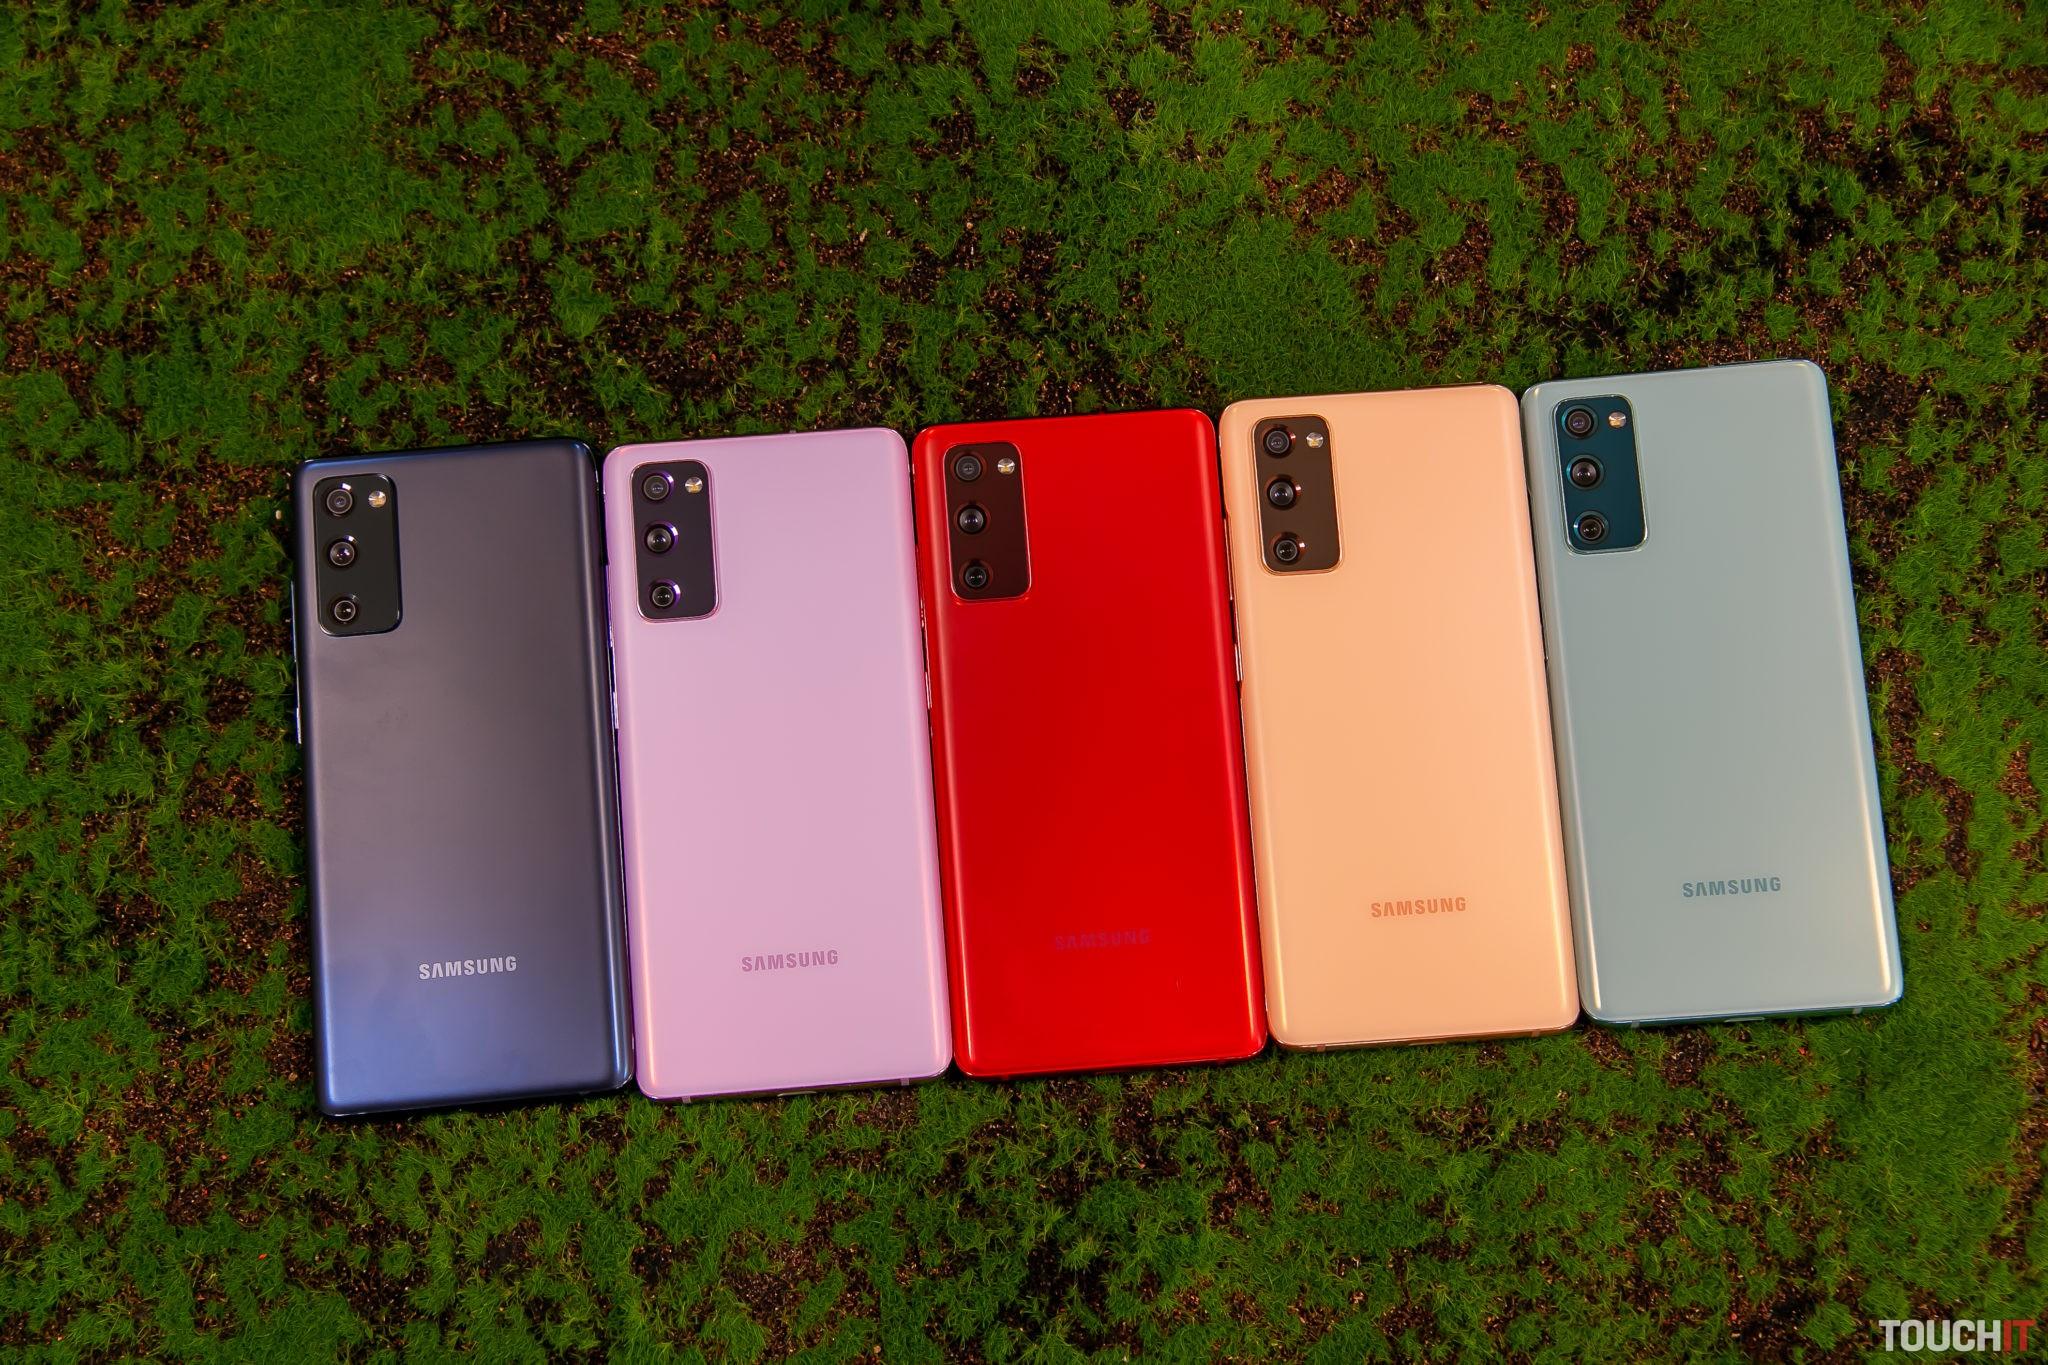 Ešte k tomu pripočítajte bielu a máte všetky farebné verzie Galaxy S20 FE